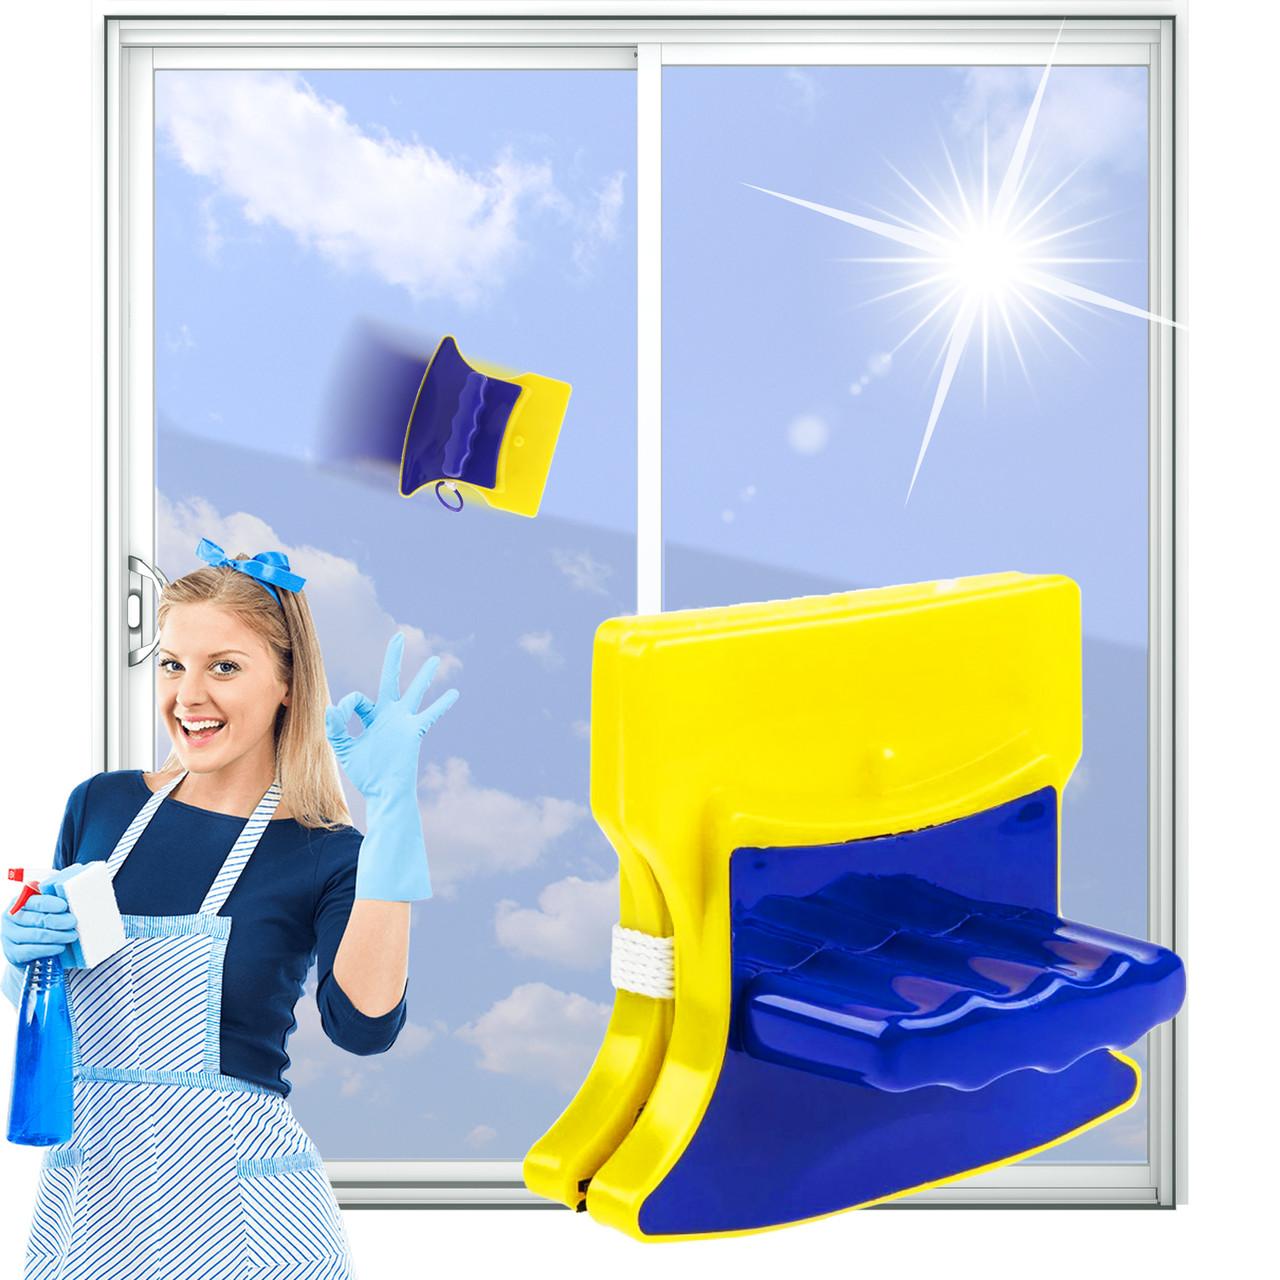 Магнитная щетка приспособление для мытья окон с обеих сторон Glass Wiper Тряпка магнит для мытья окон